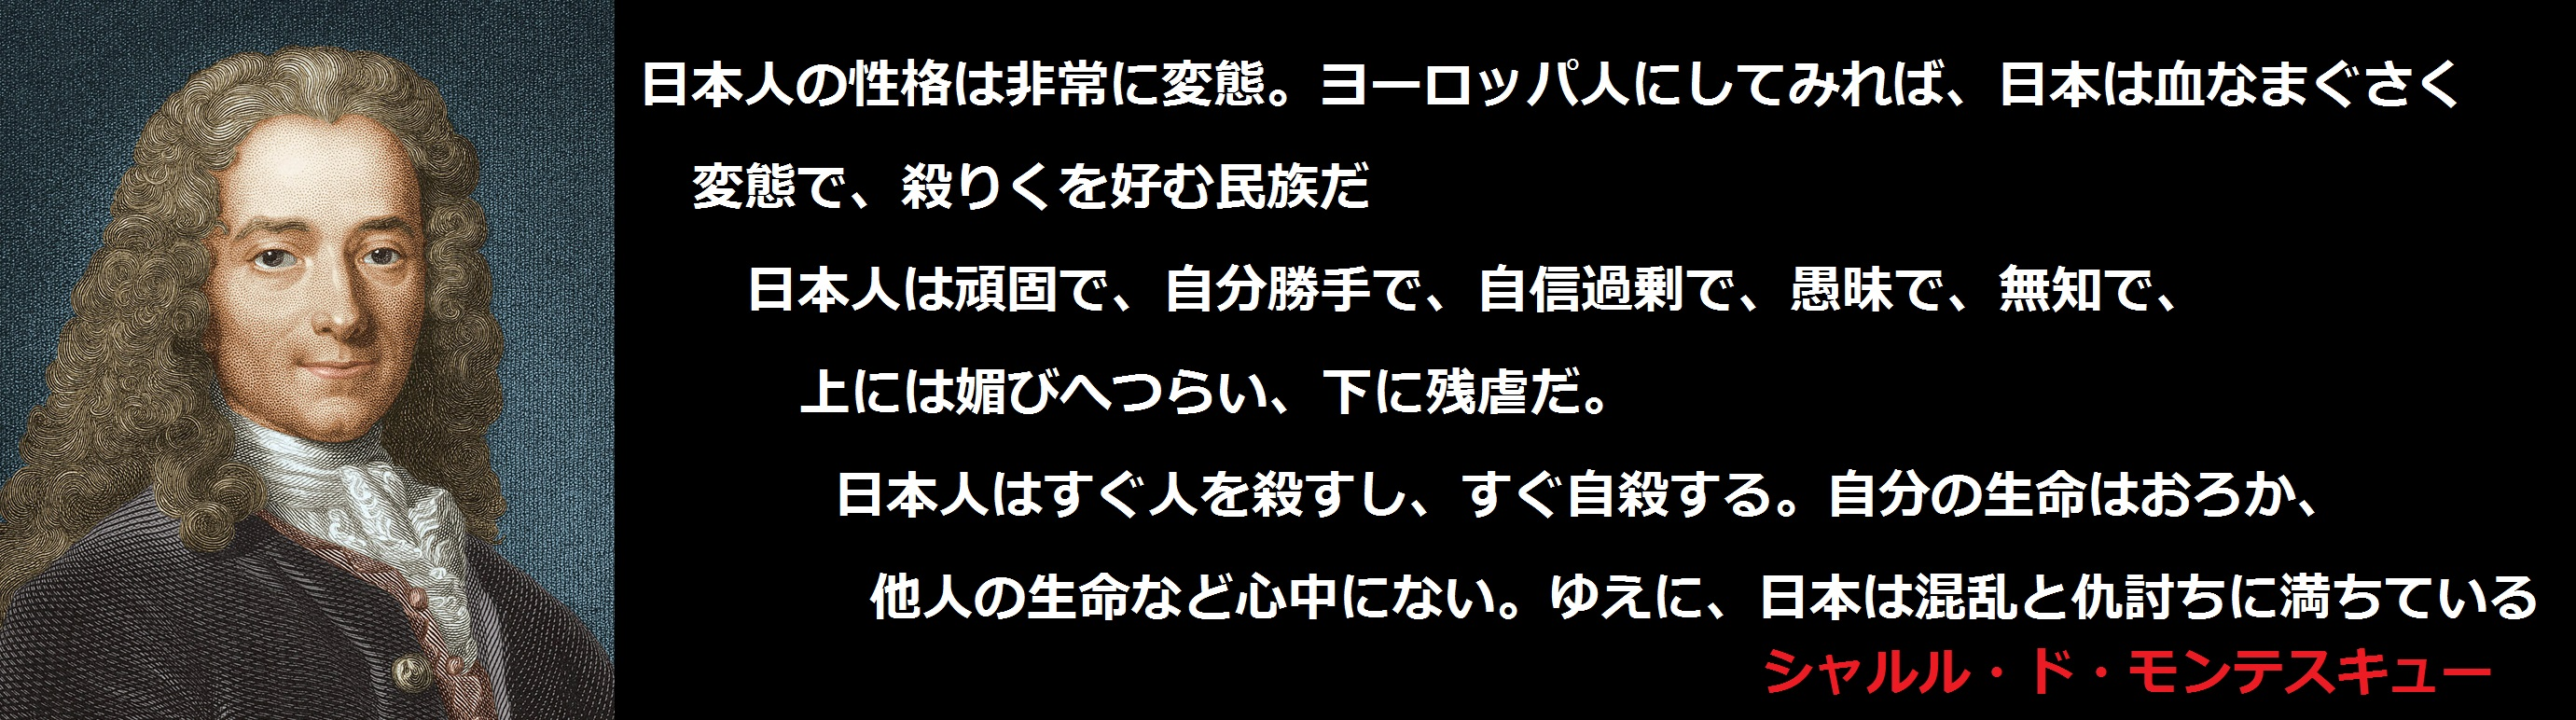 f:id:JAPbuster:20170507010413j:plain